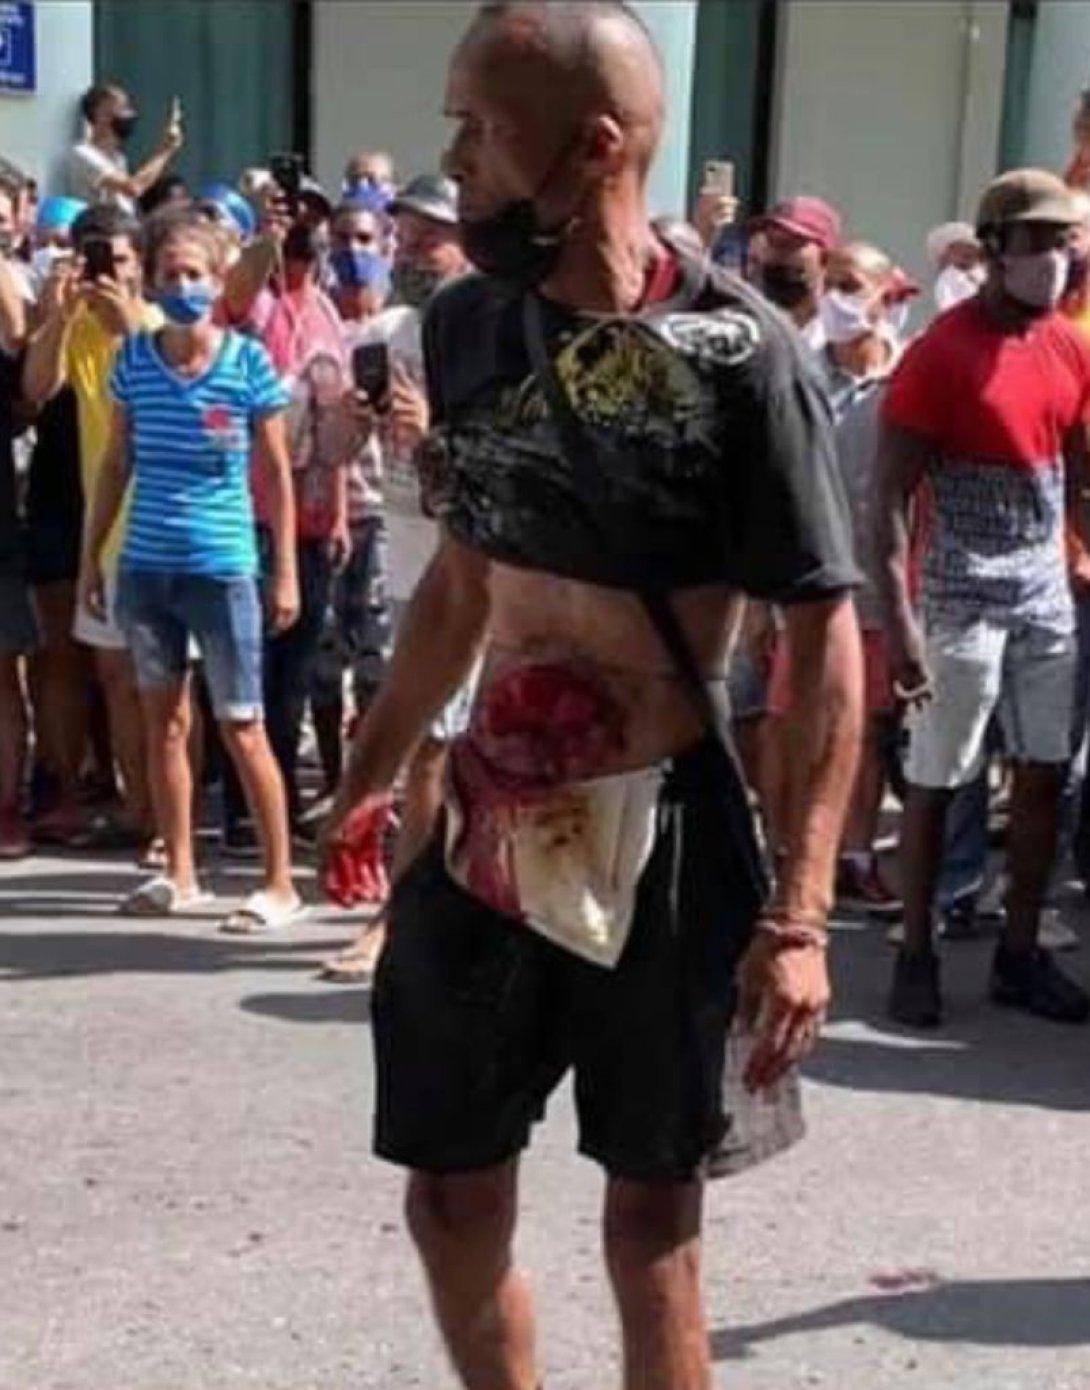 Un manifestante herido. Protestas en Cuba